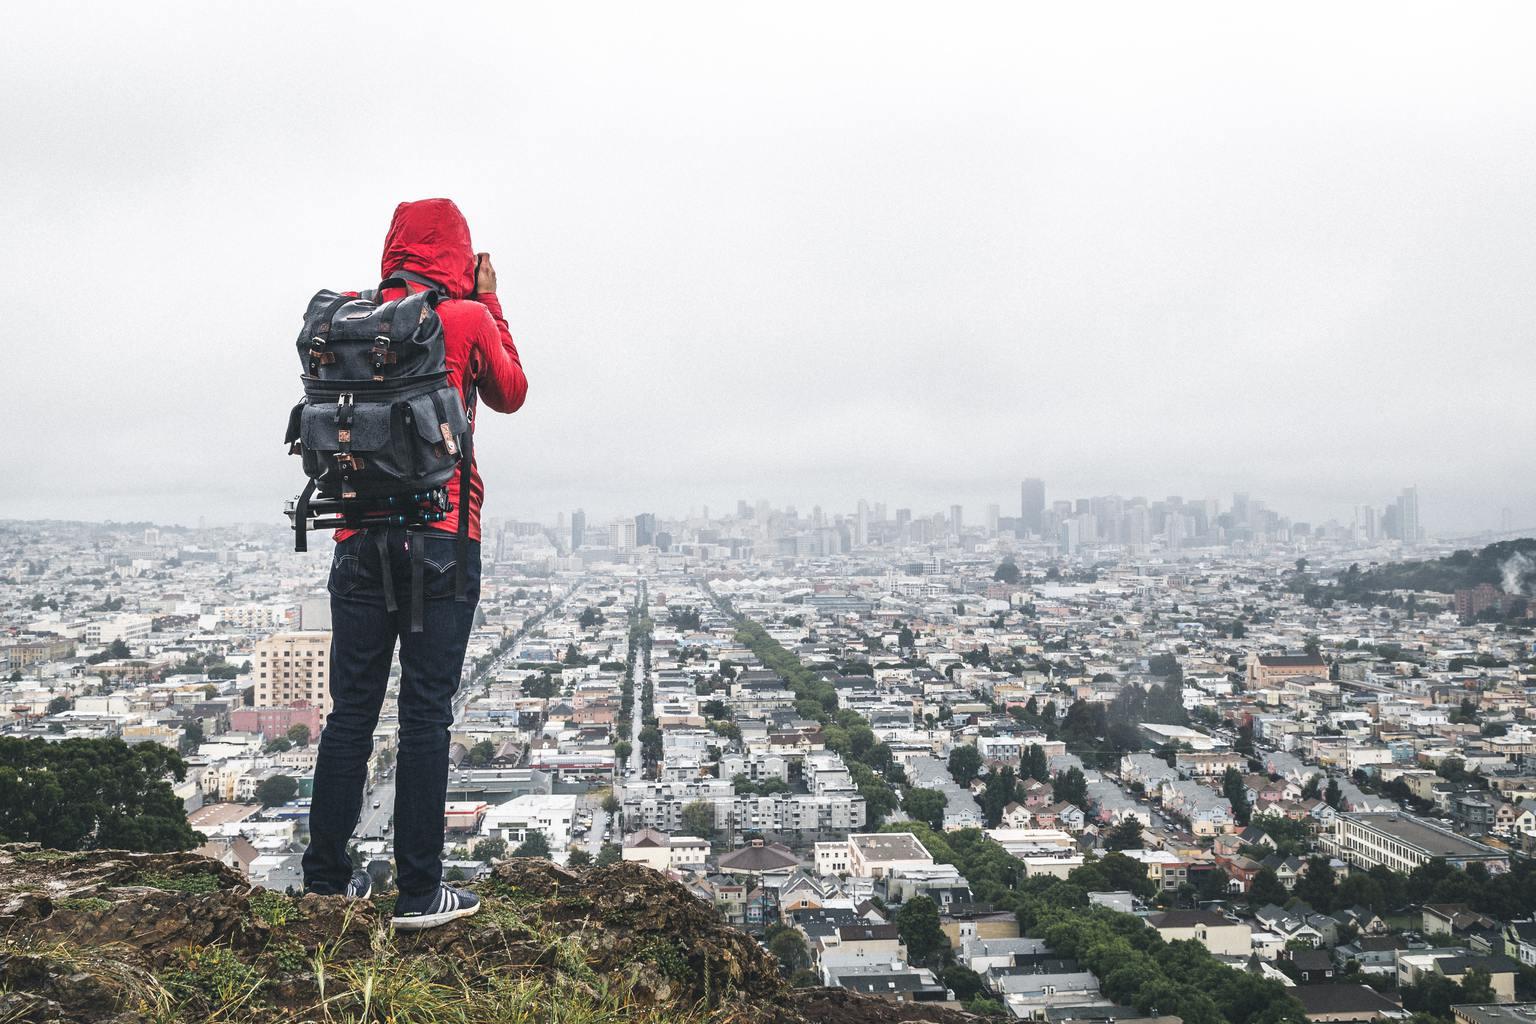 Fotógrafo fotografiando un paisaje urbano